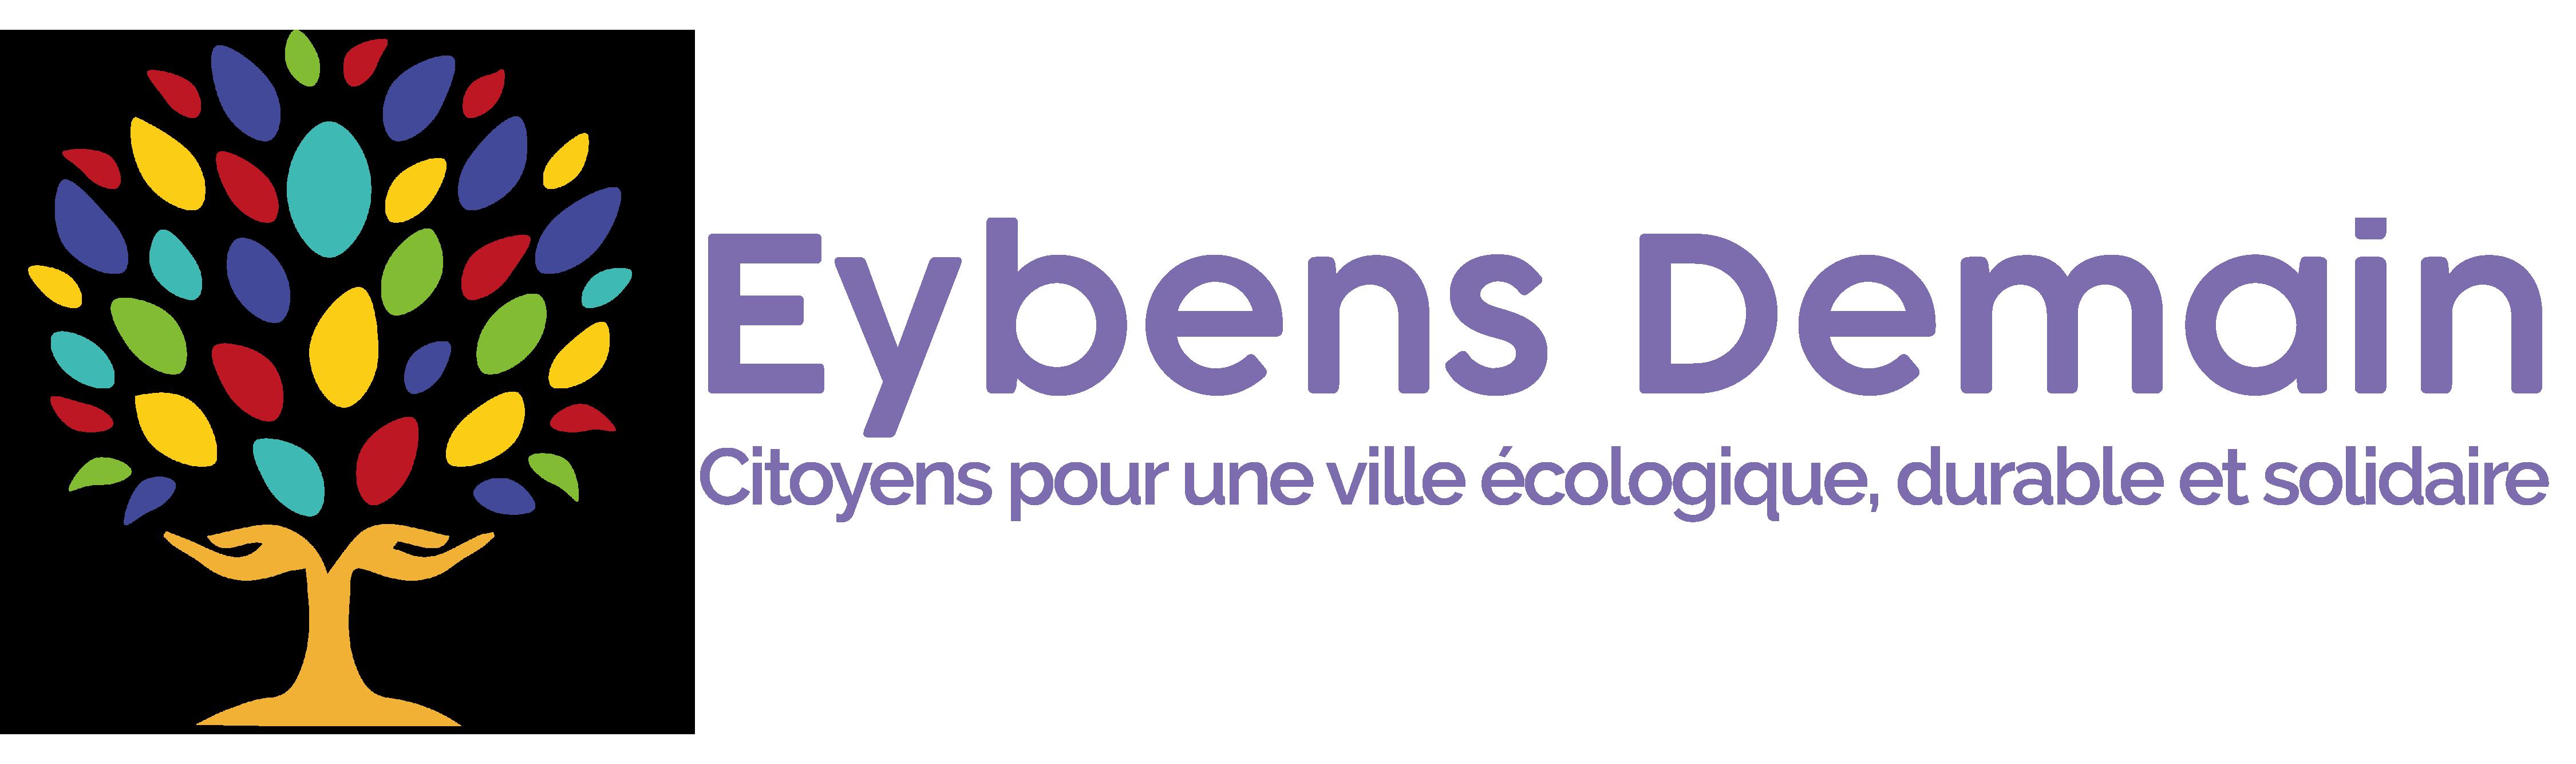 Eybens Demain 2020